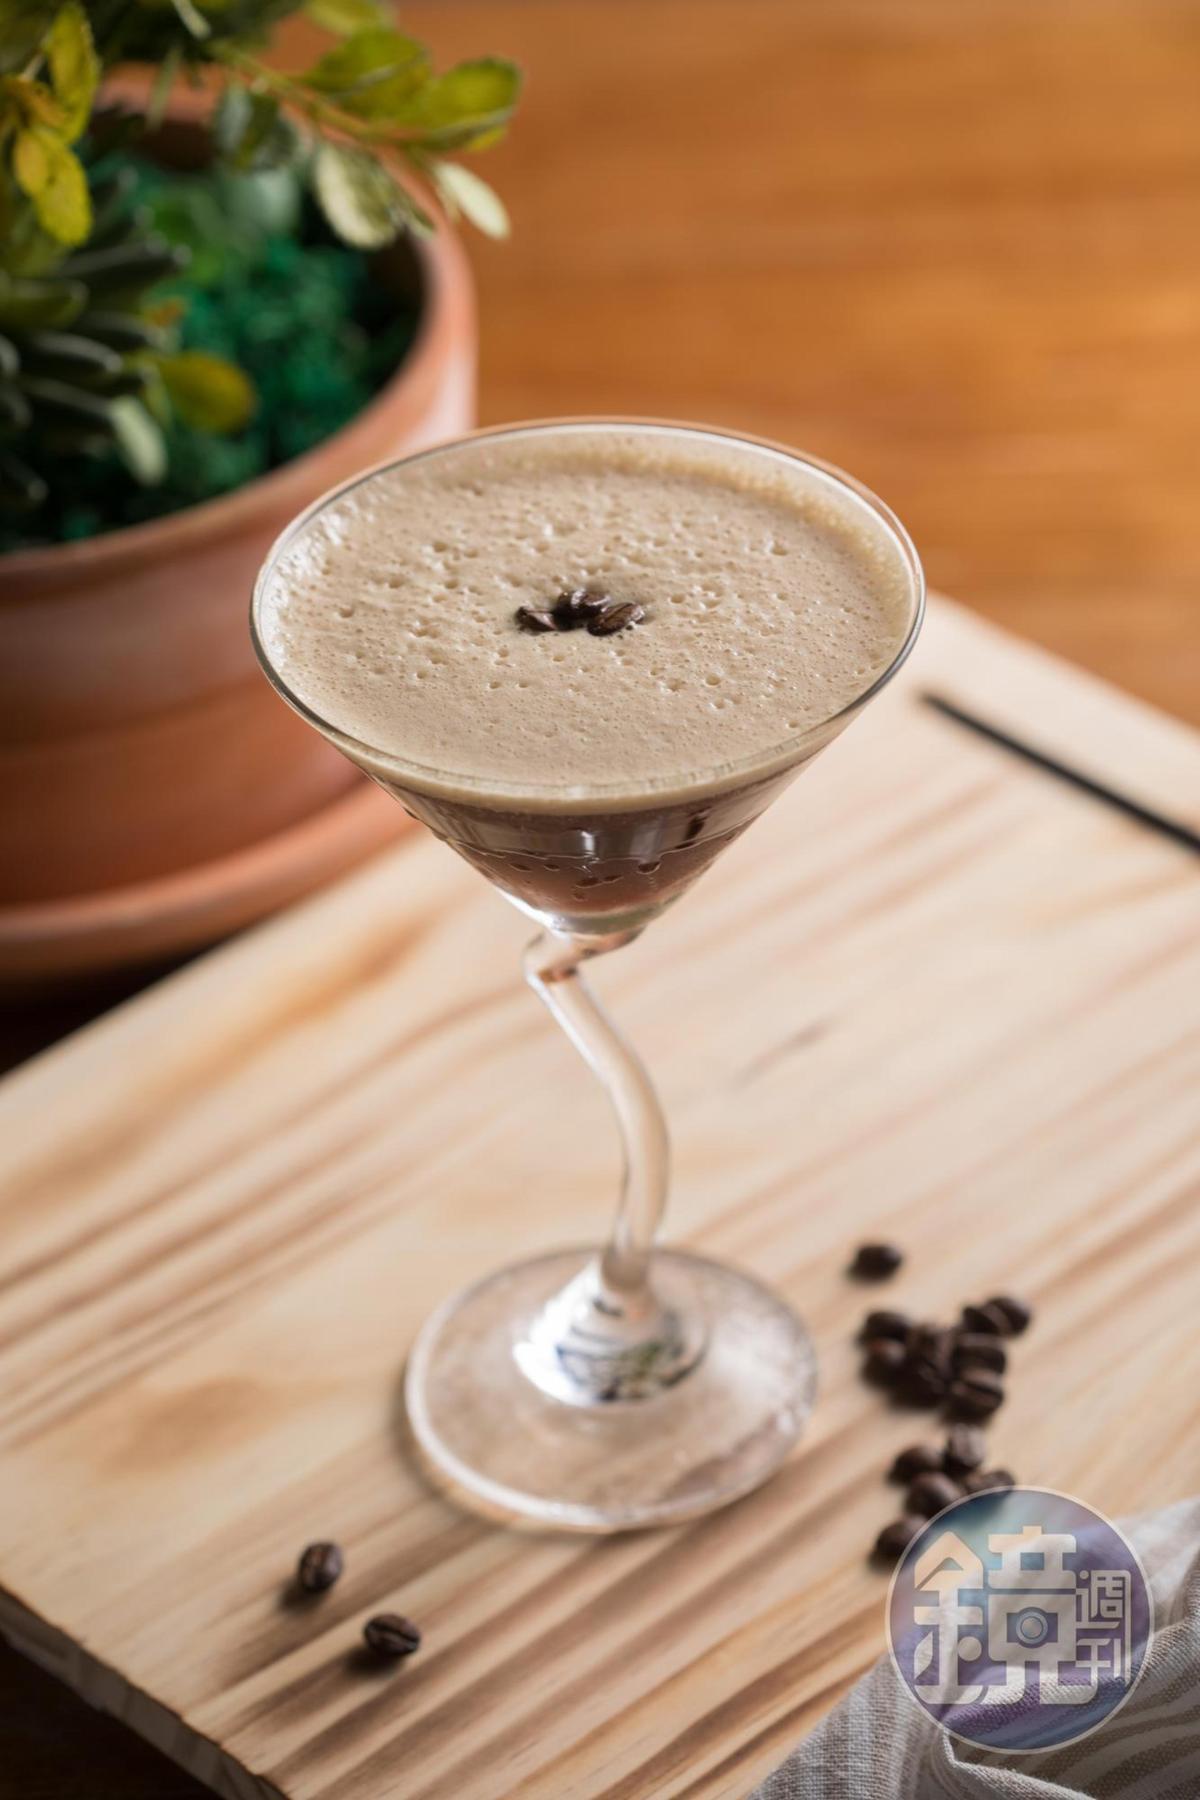 嫌粉紅泡泡太多想醒腦,不妨來杯伏特加調espresso的「馬丁拿鐵」。(280元/杯)